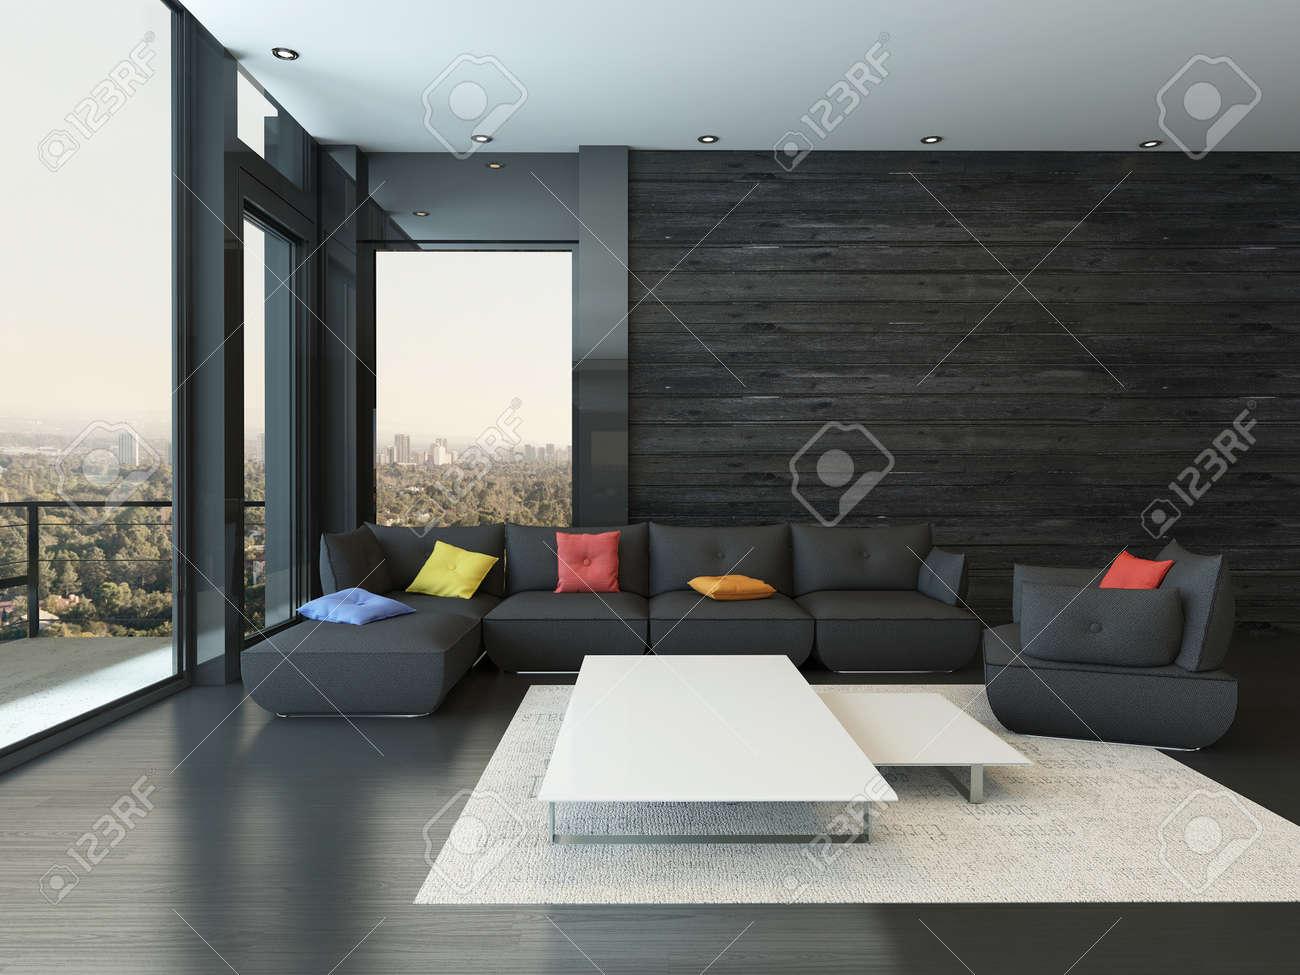 Schwarz stil wohnzimmer interieur mit couch mit bunten kissen lizenzfreie bilder 28885026